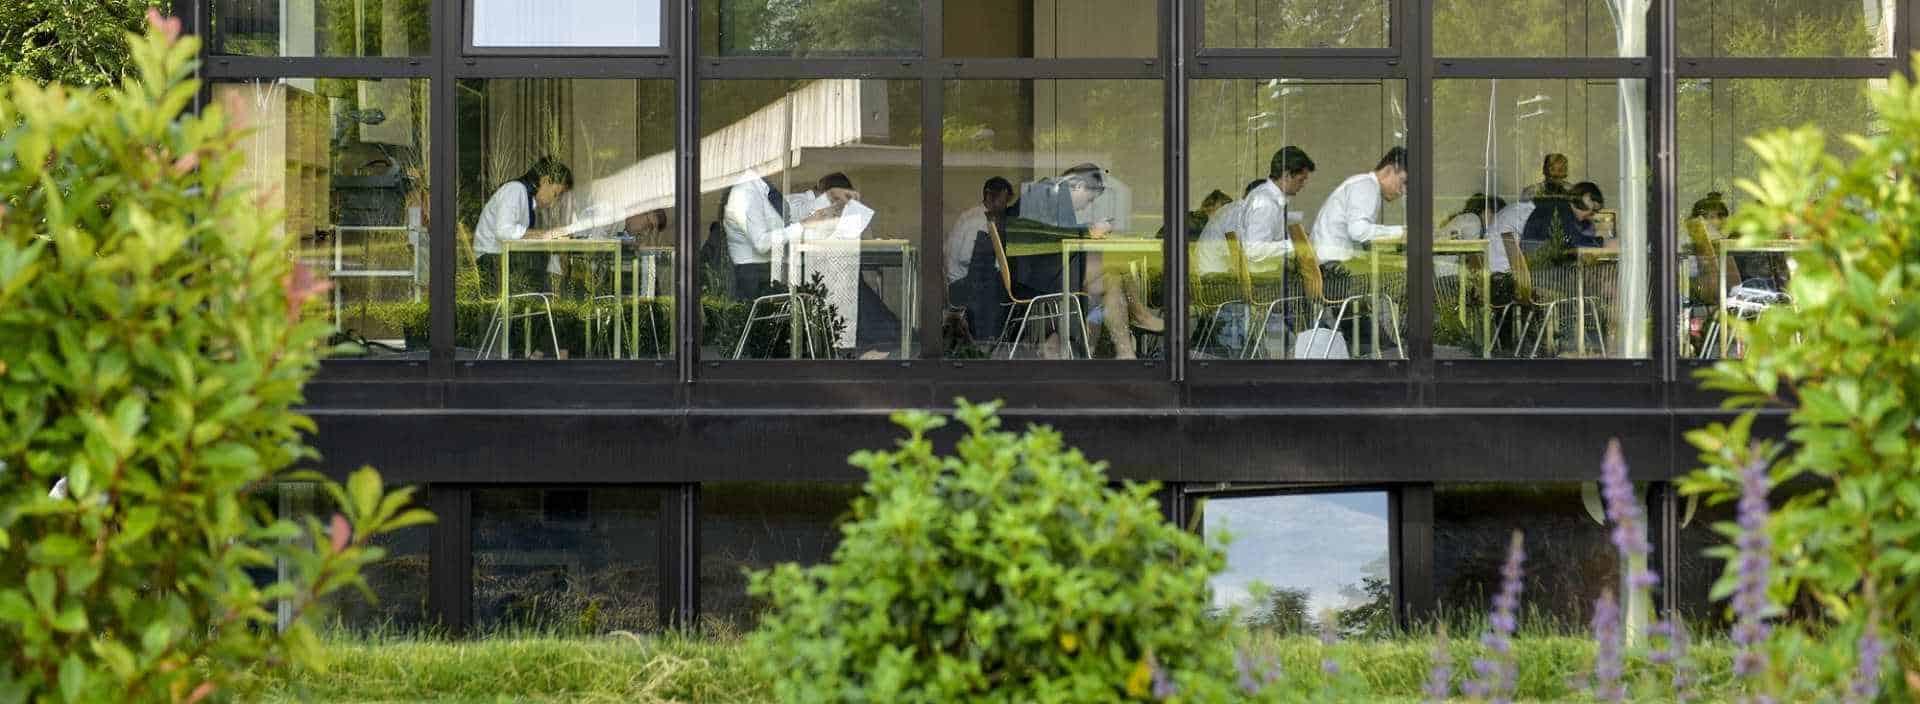 Apprendre un métier passionnat a l'Ecole Hôtelière de Genève, suivez le Cursus généraliste en 3 ans